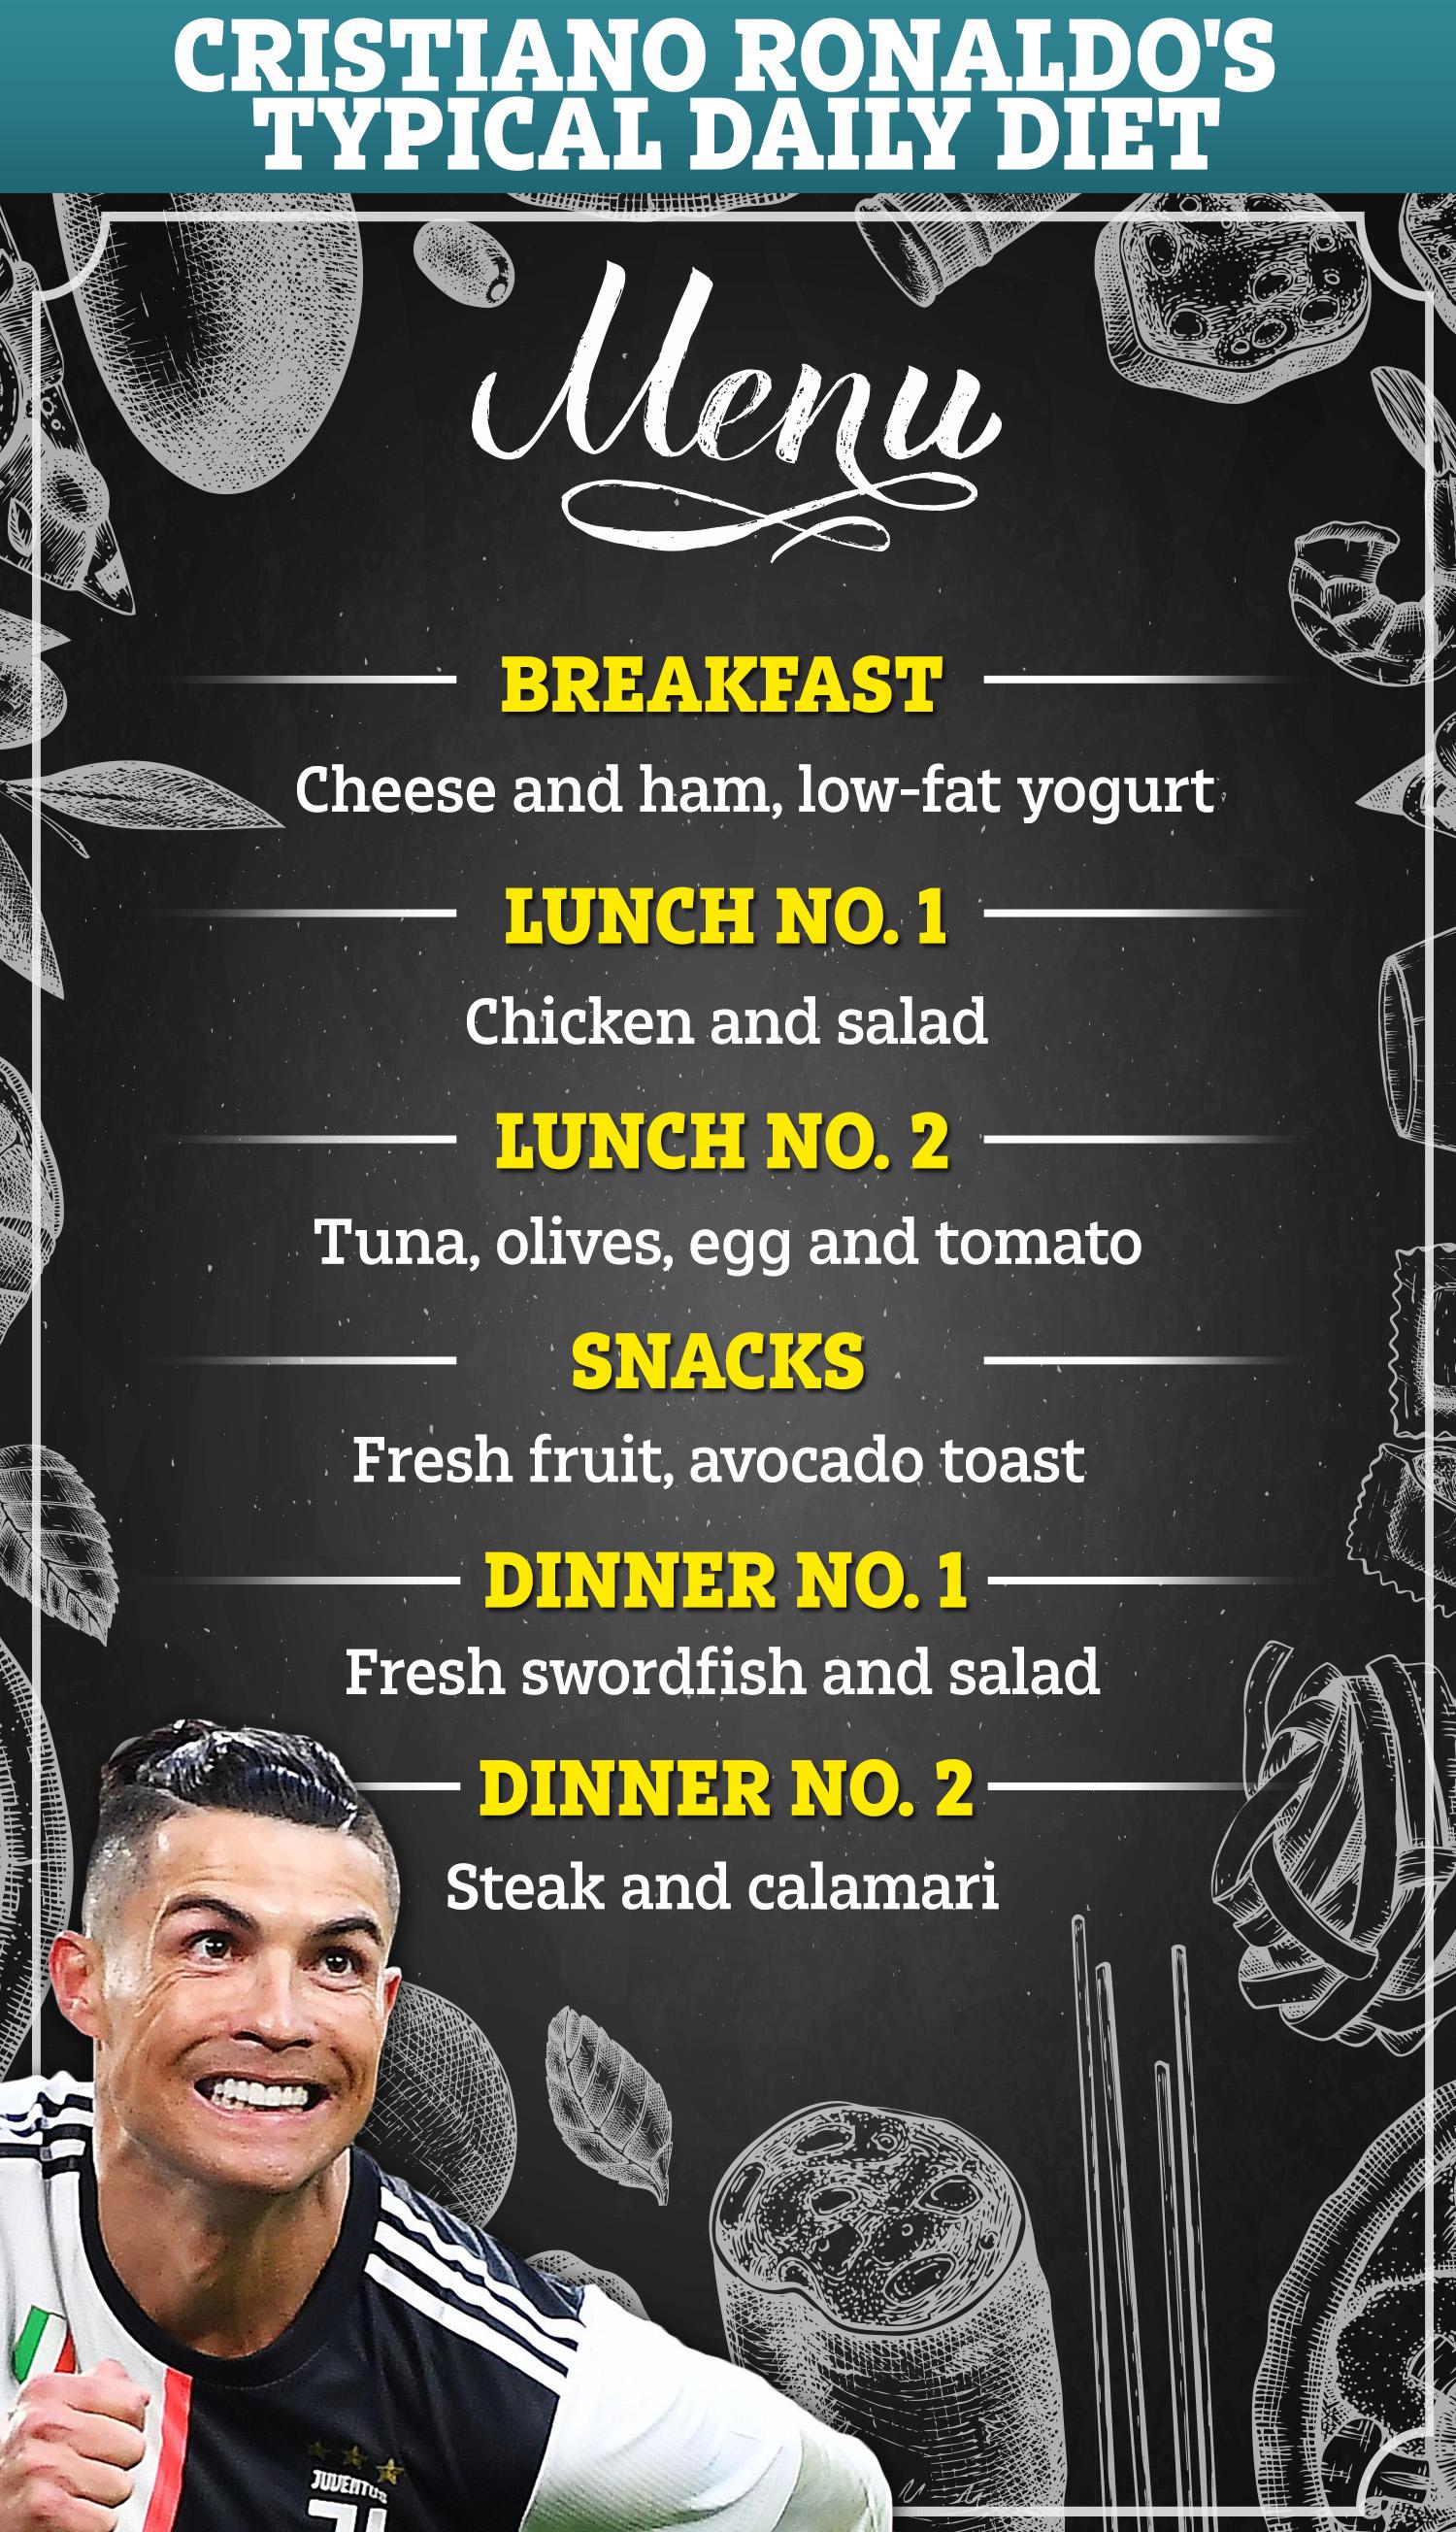 Nhìn thực đơn của Ronaldo, các đồng đội nghẹn cả họng, không dám ăn gì nữa - Ảnh 4.